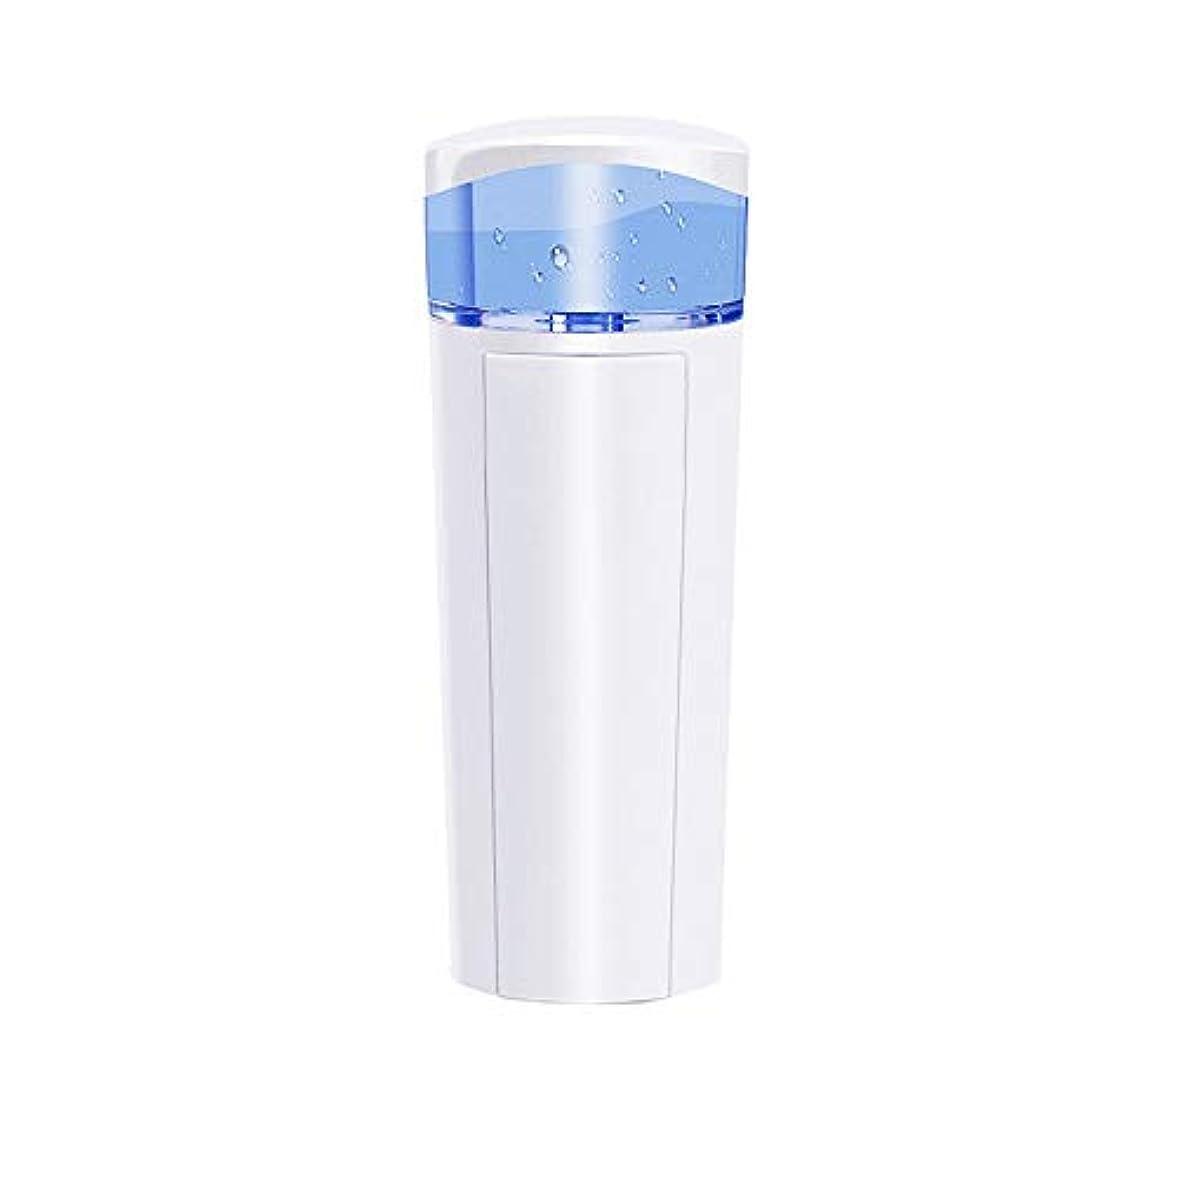 十分です仮装に対してZXF 充電宝物機能付き新しいナノ水道メータースプレー美容機器ABS素材ホワイト 滑らかである